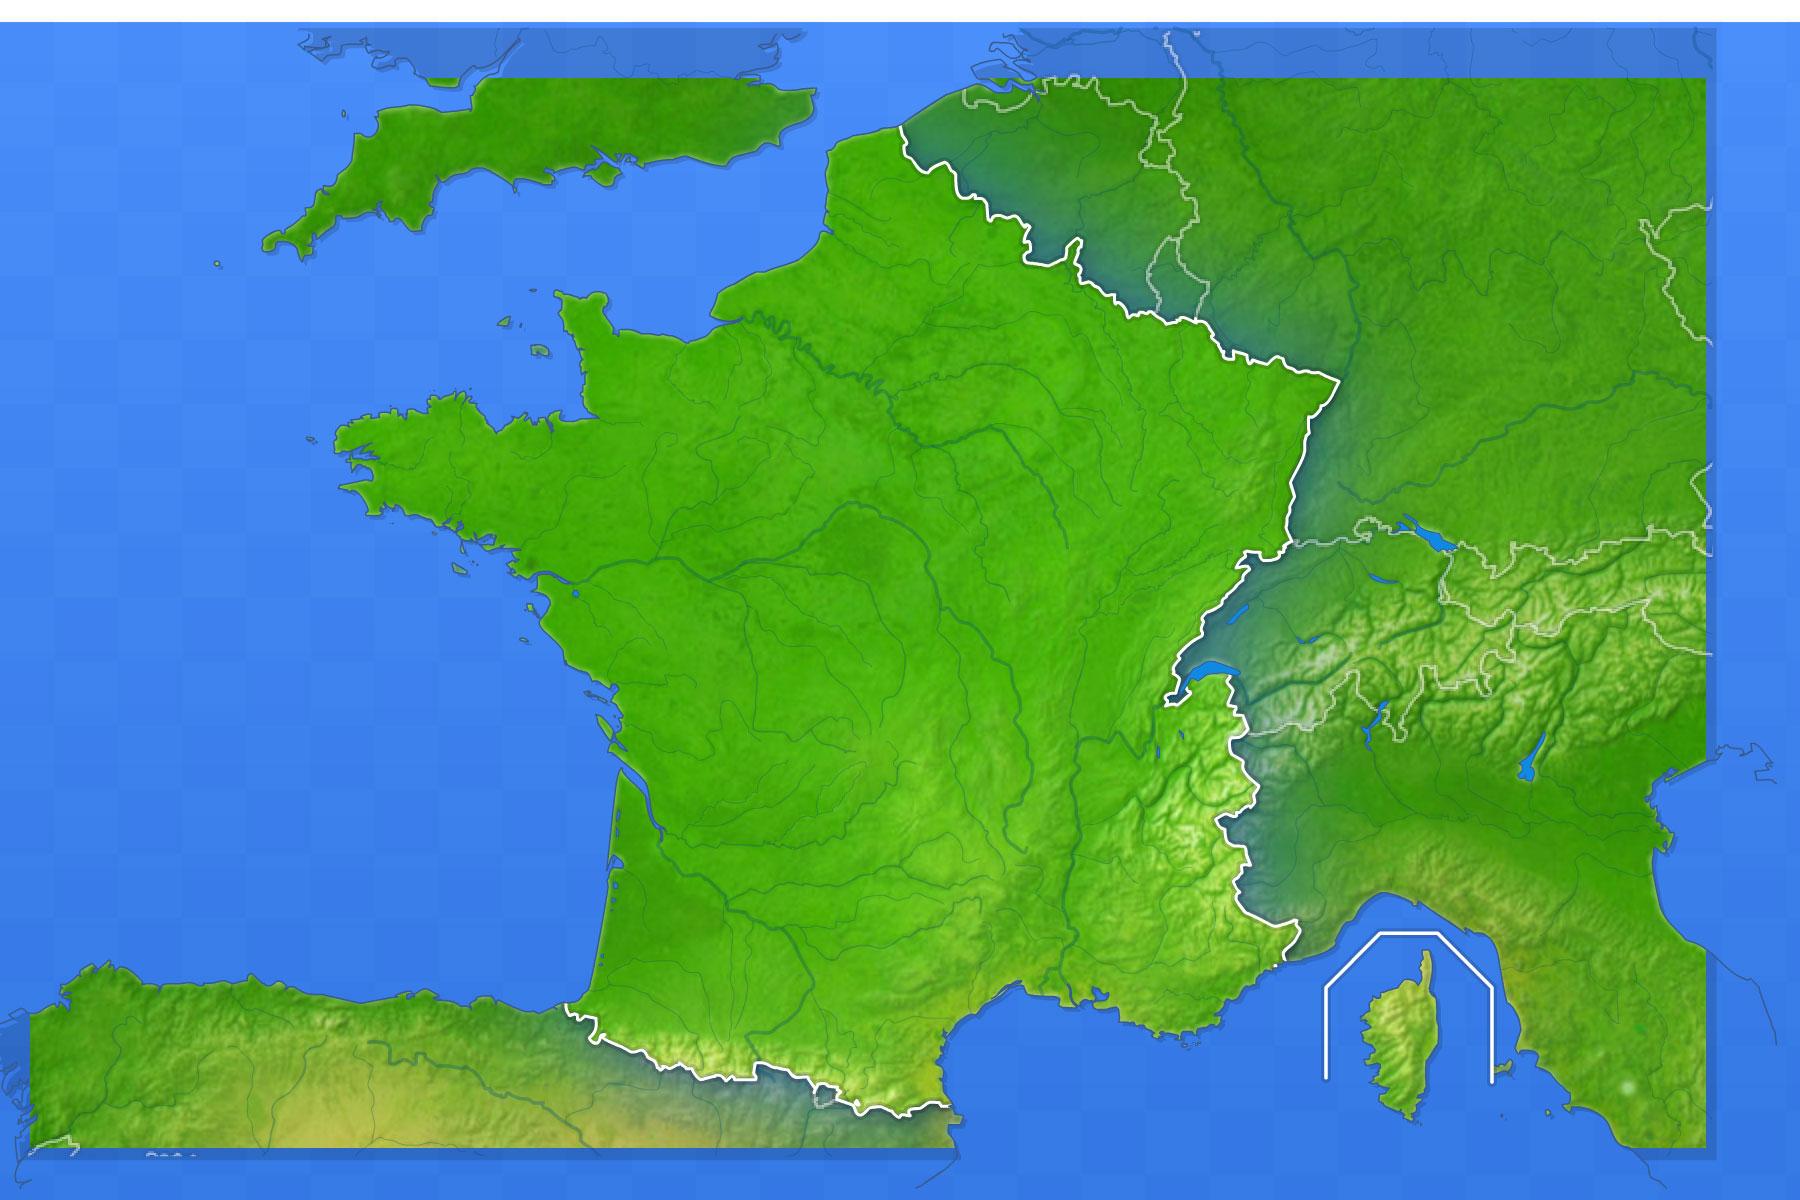 Jeux-Geographiques Jeux Gratuits Jeu Villes De France avec Apprendre Carte De France